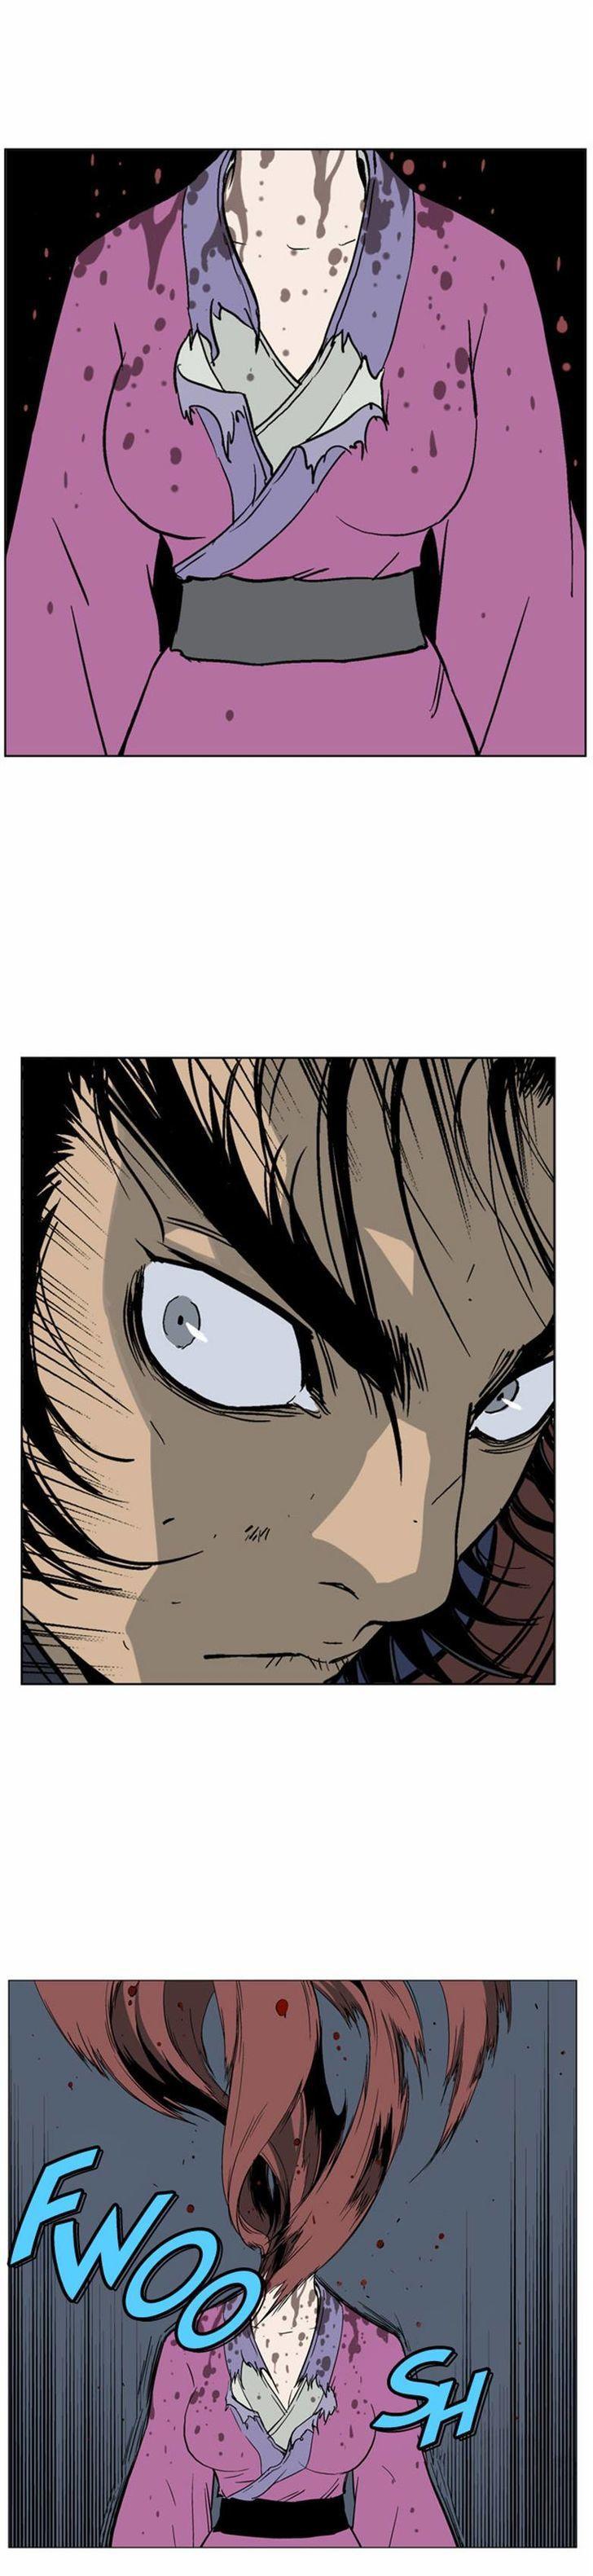 https://c5.ninemanga.com/es_manga/pic2/9/18249/518470/0f8b7aec4c39805f0543e508b9208f7f.jpg Page 5